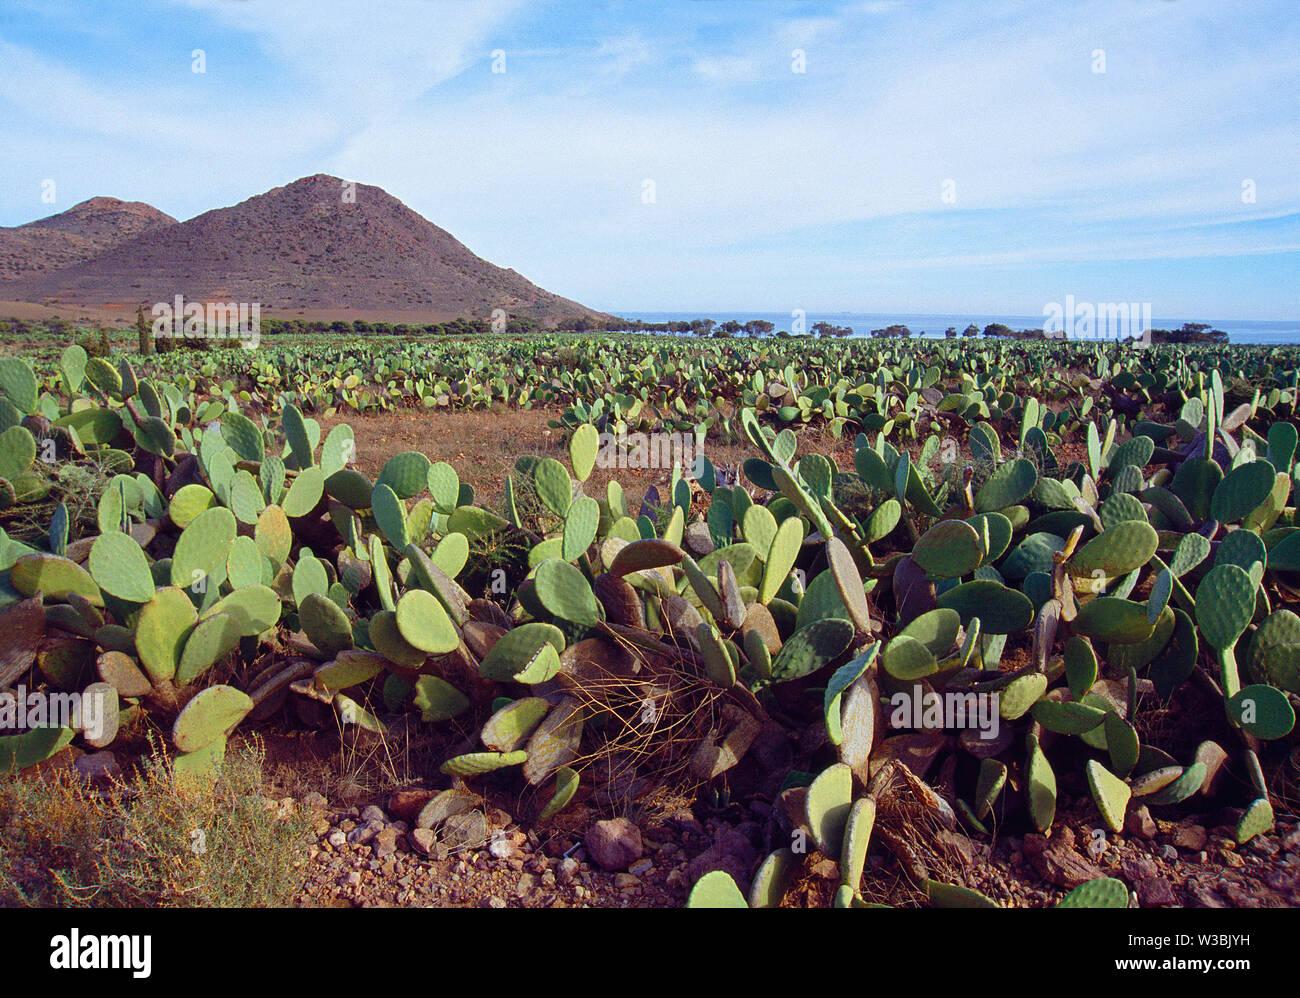 Prickly pears in Los Genoveses beach, Cabo de Gata-Nijar Nature Reserve, Almeria province, Andalucia, Spain. Stock Photo